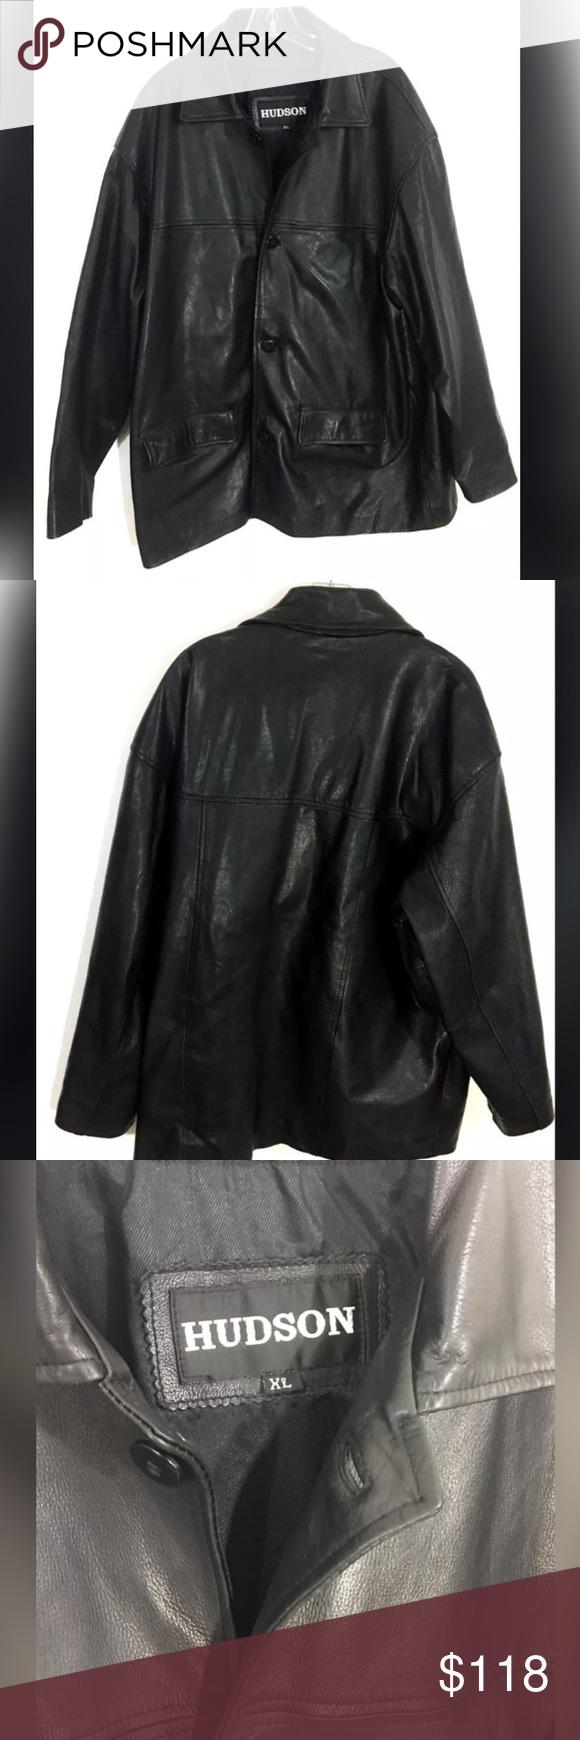 Hudson Black Real Leather Jacket Echtes Leder Xl Hudson Black Leather Jacket Real Leather Echtes Leder Real Leather Jacket Leather Jacket Black Leather Jacket [ 1740 x 580 Pixel ]